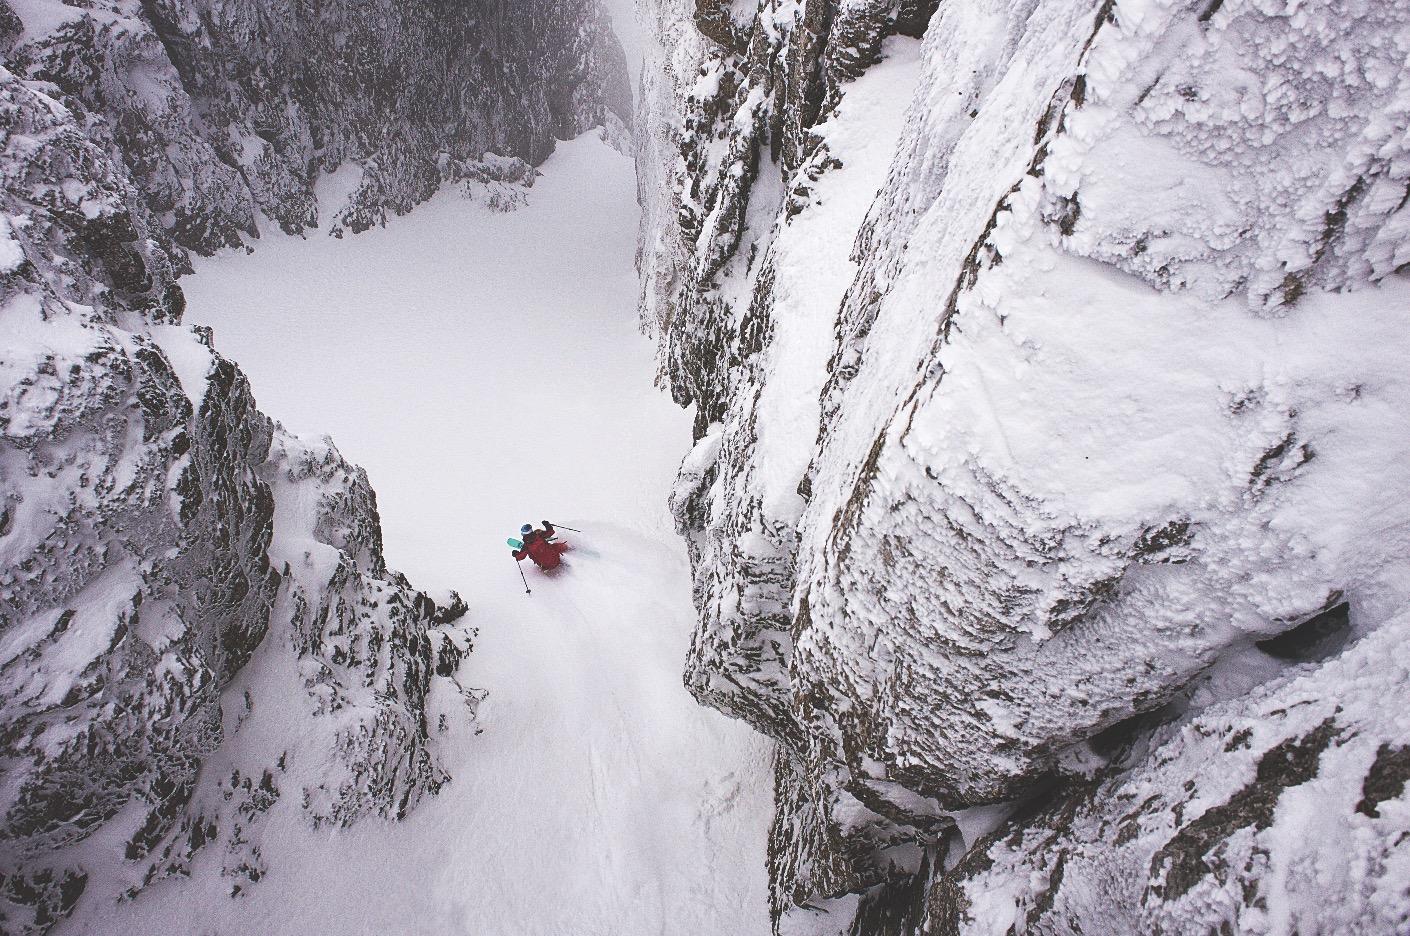 DREVET AV SKIGLEDE: – Jeg synes det er vanvittig artig å kjøre ski på store fjell. Det må komme fram i saken! sier Johanna T. Stålnacke. Her er hun i aksjon under fotokonkurransen King of Dolomites. Bilde: Johannes Strobel